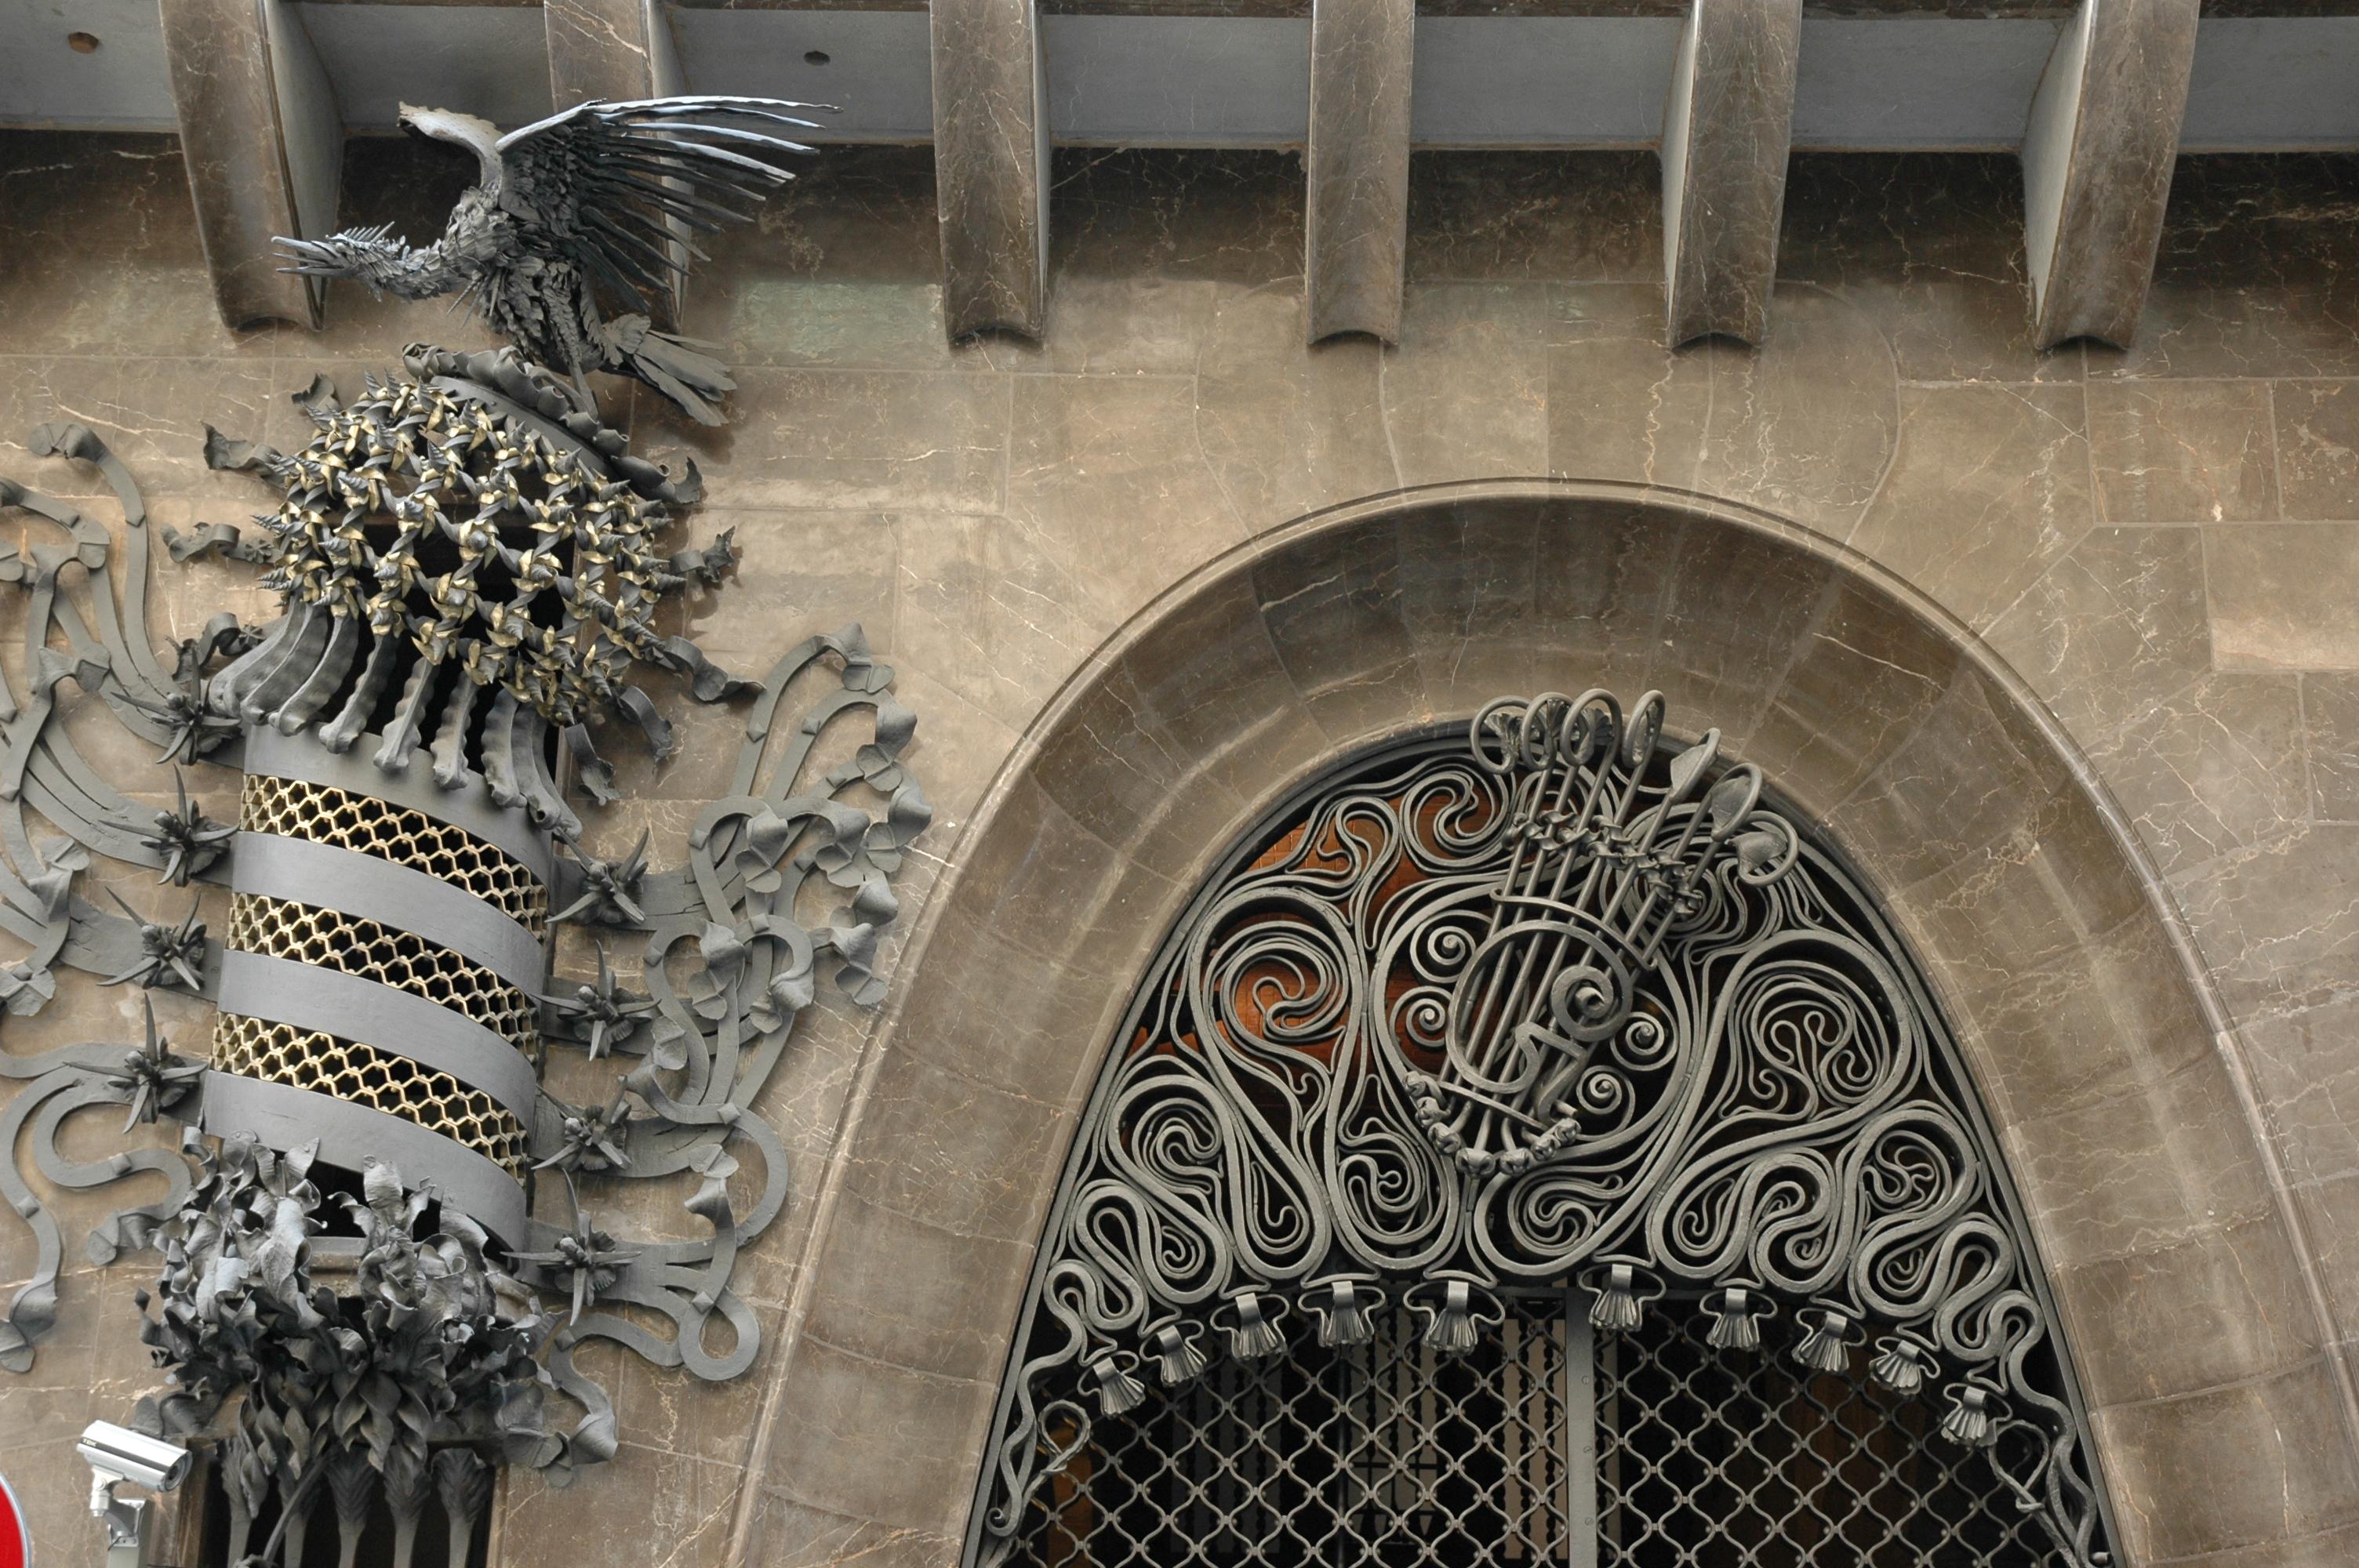 Forjats de la façana del Palau Guell (Fotografia: Josep Renalias)